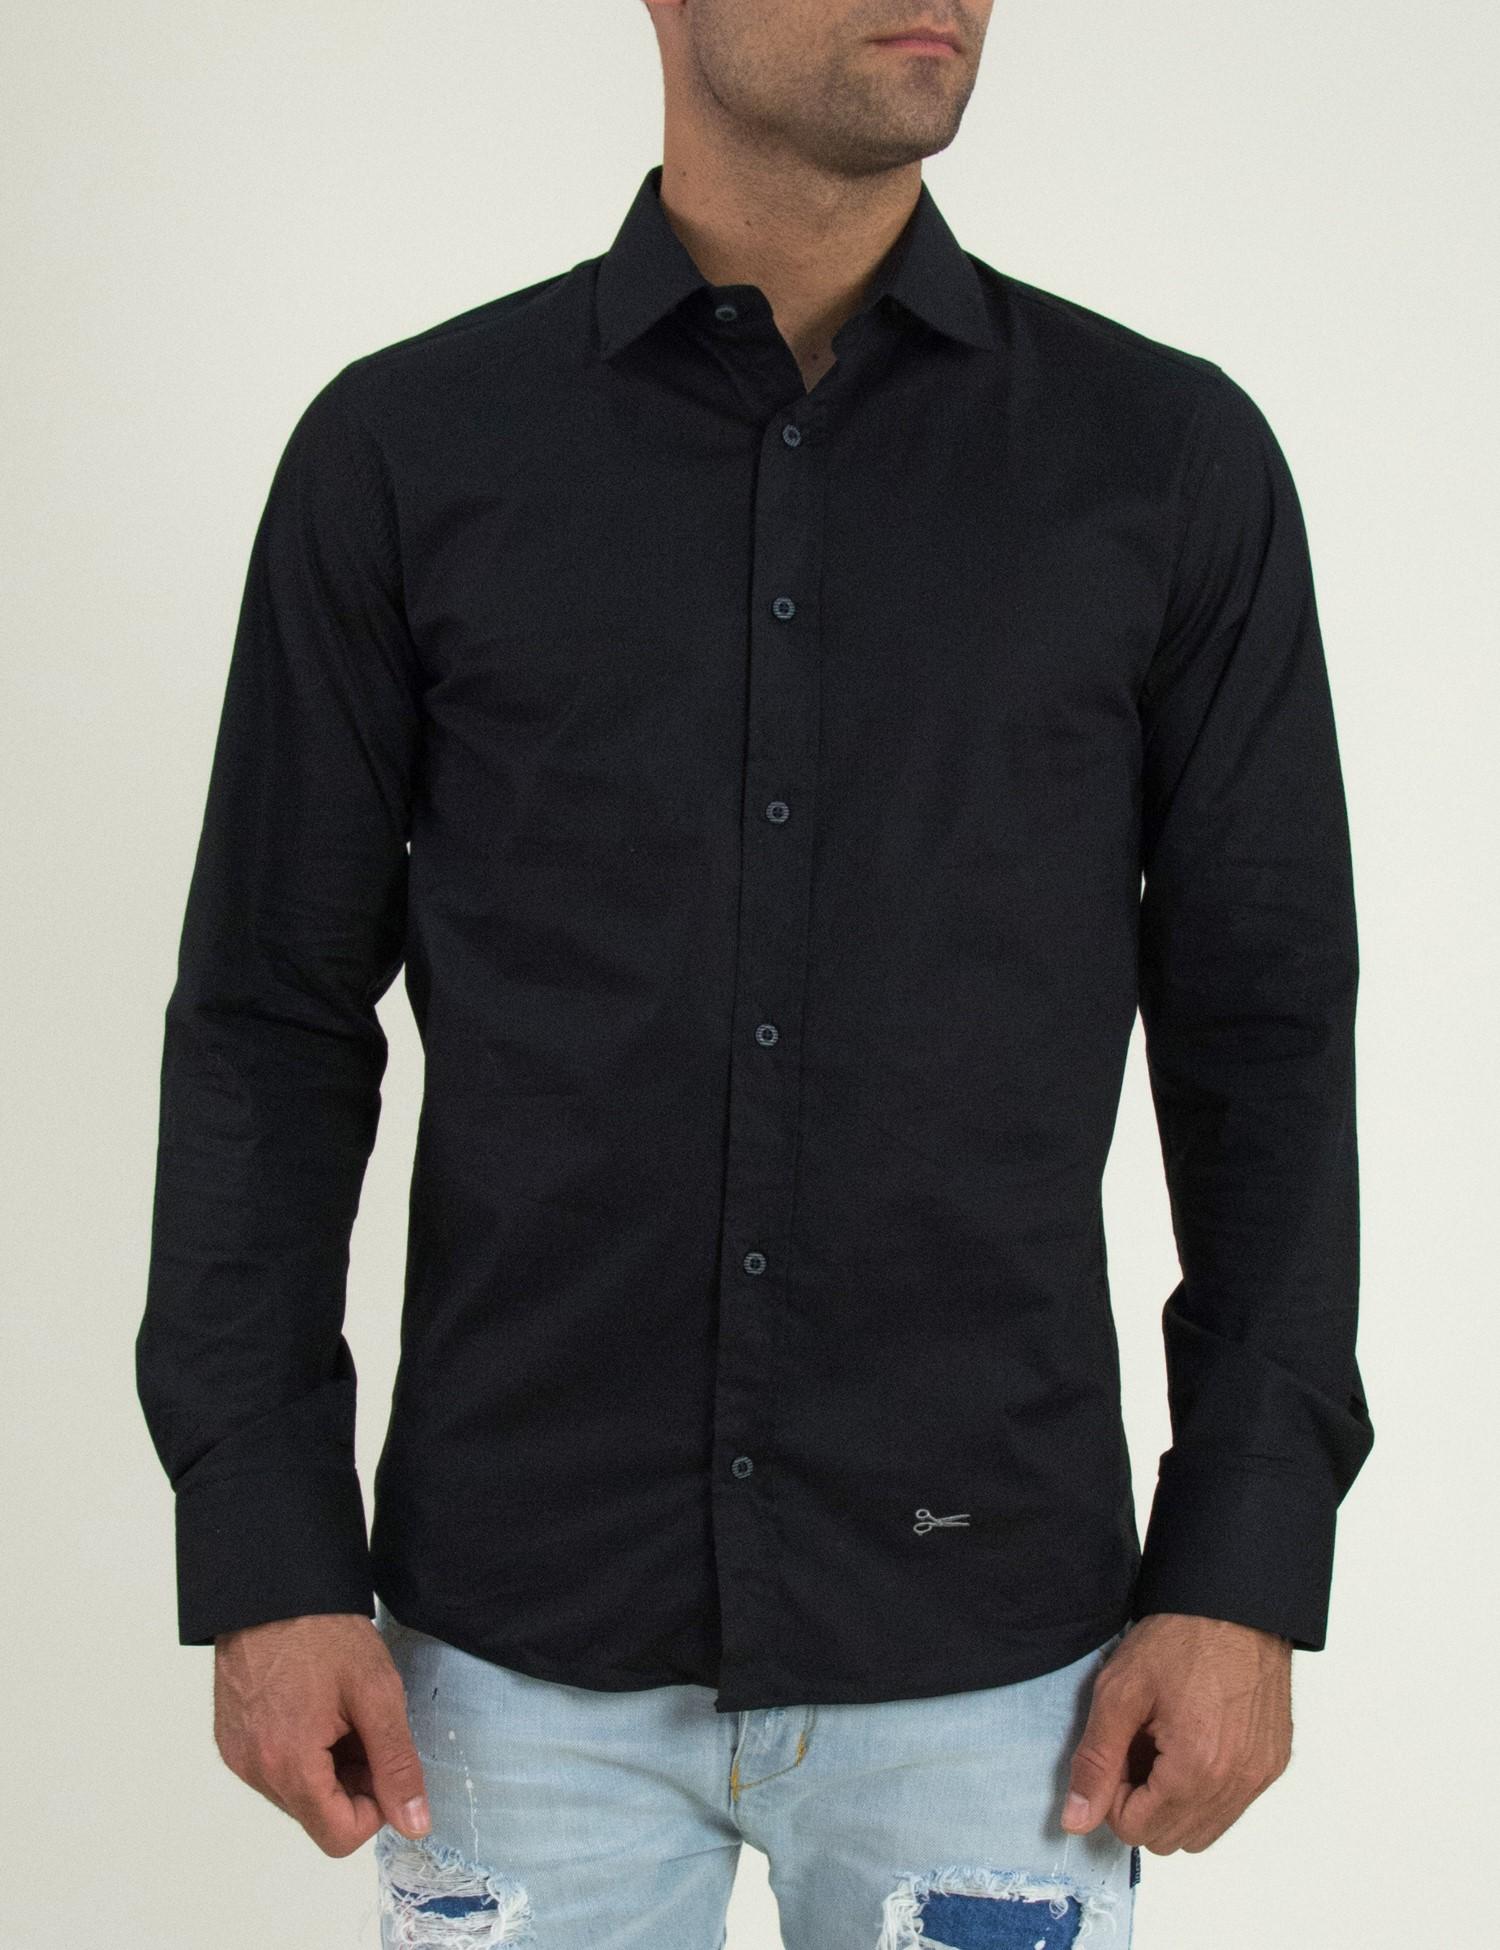 Ανδρικό μαύρο μονόχρωμο πουκάμισο Ben Tailor 185210B 2ca2878edf9